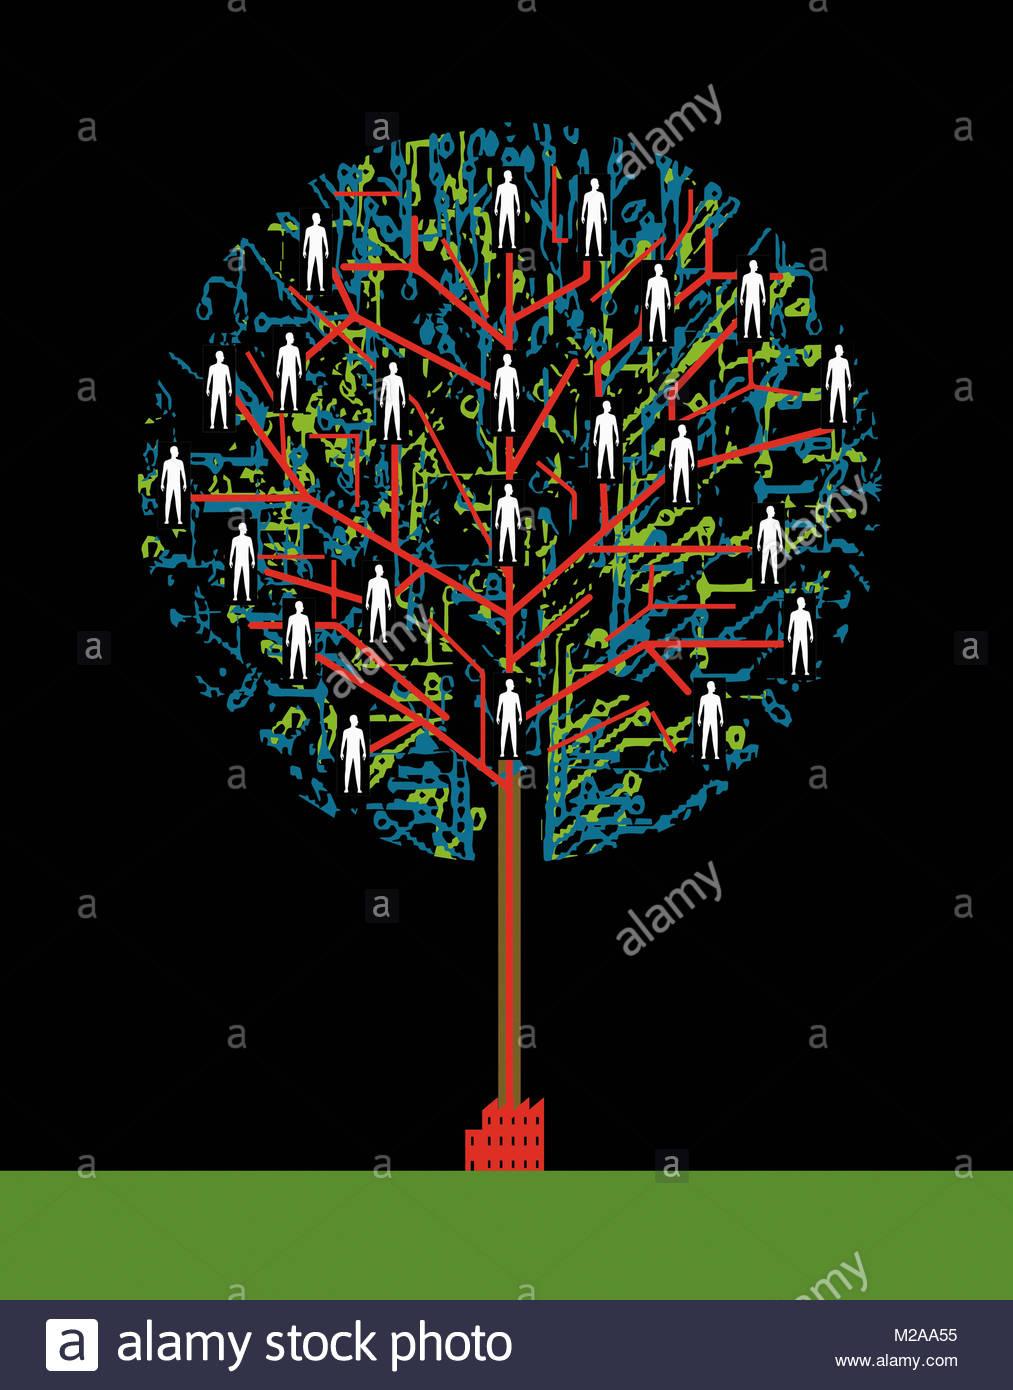 La gente conectada en red árbol creciendo desde la fábrica Imagen De Stock